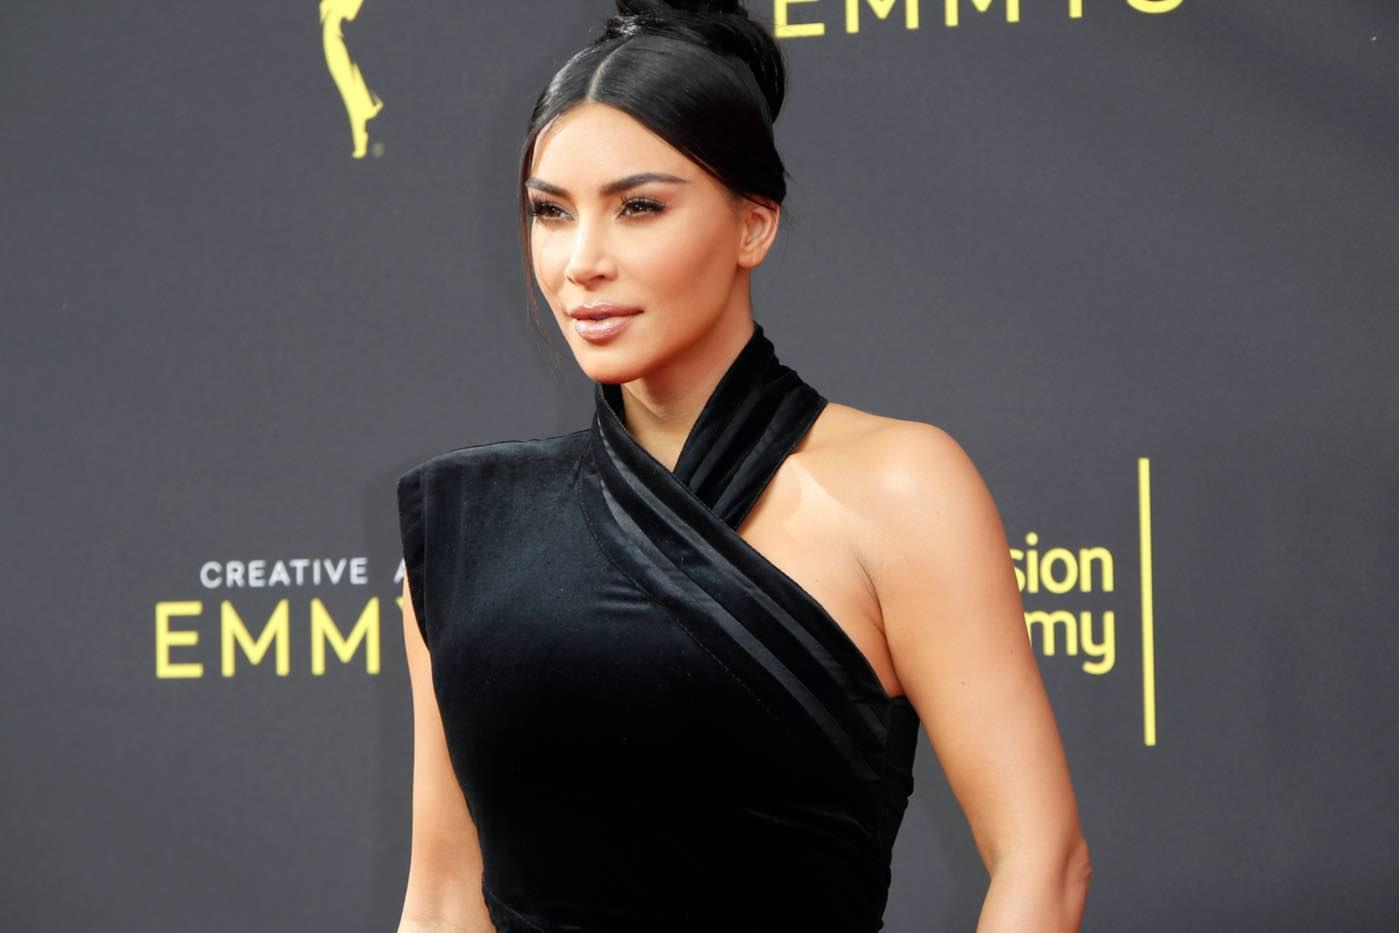 La fortuna de la familia Kardashian-Jenner: Kim Kardashian